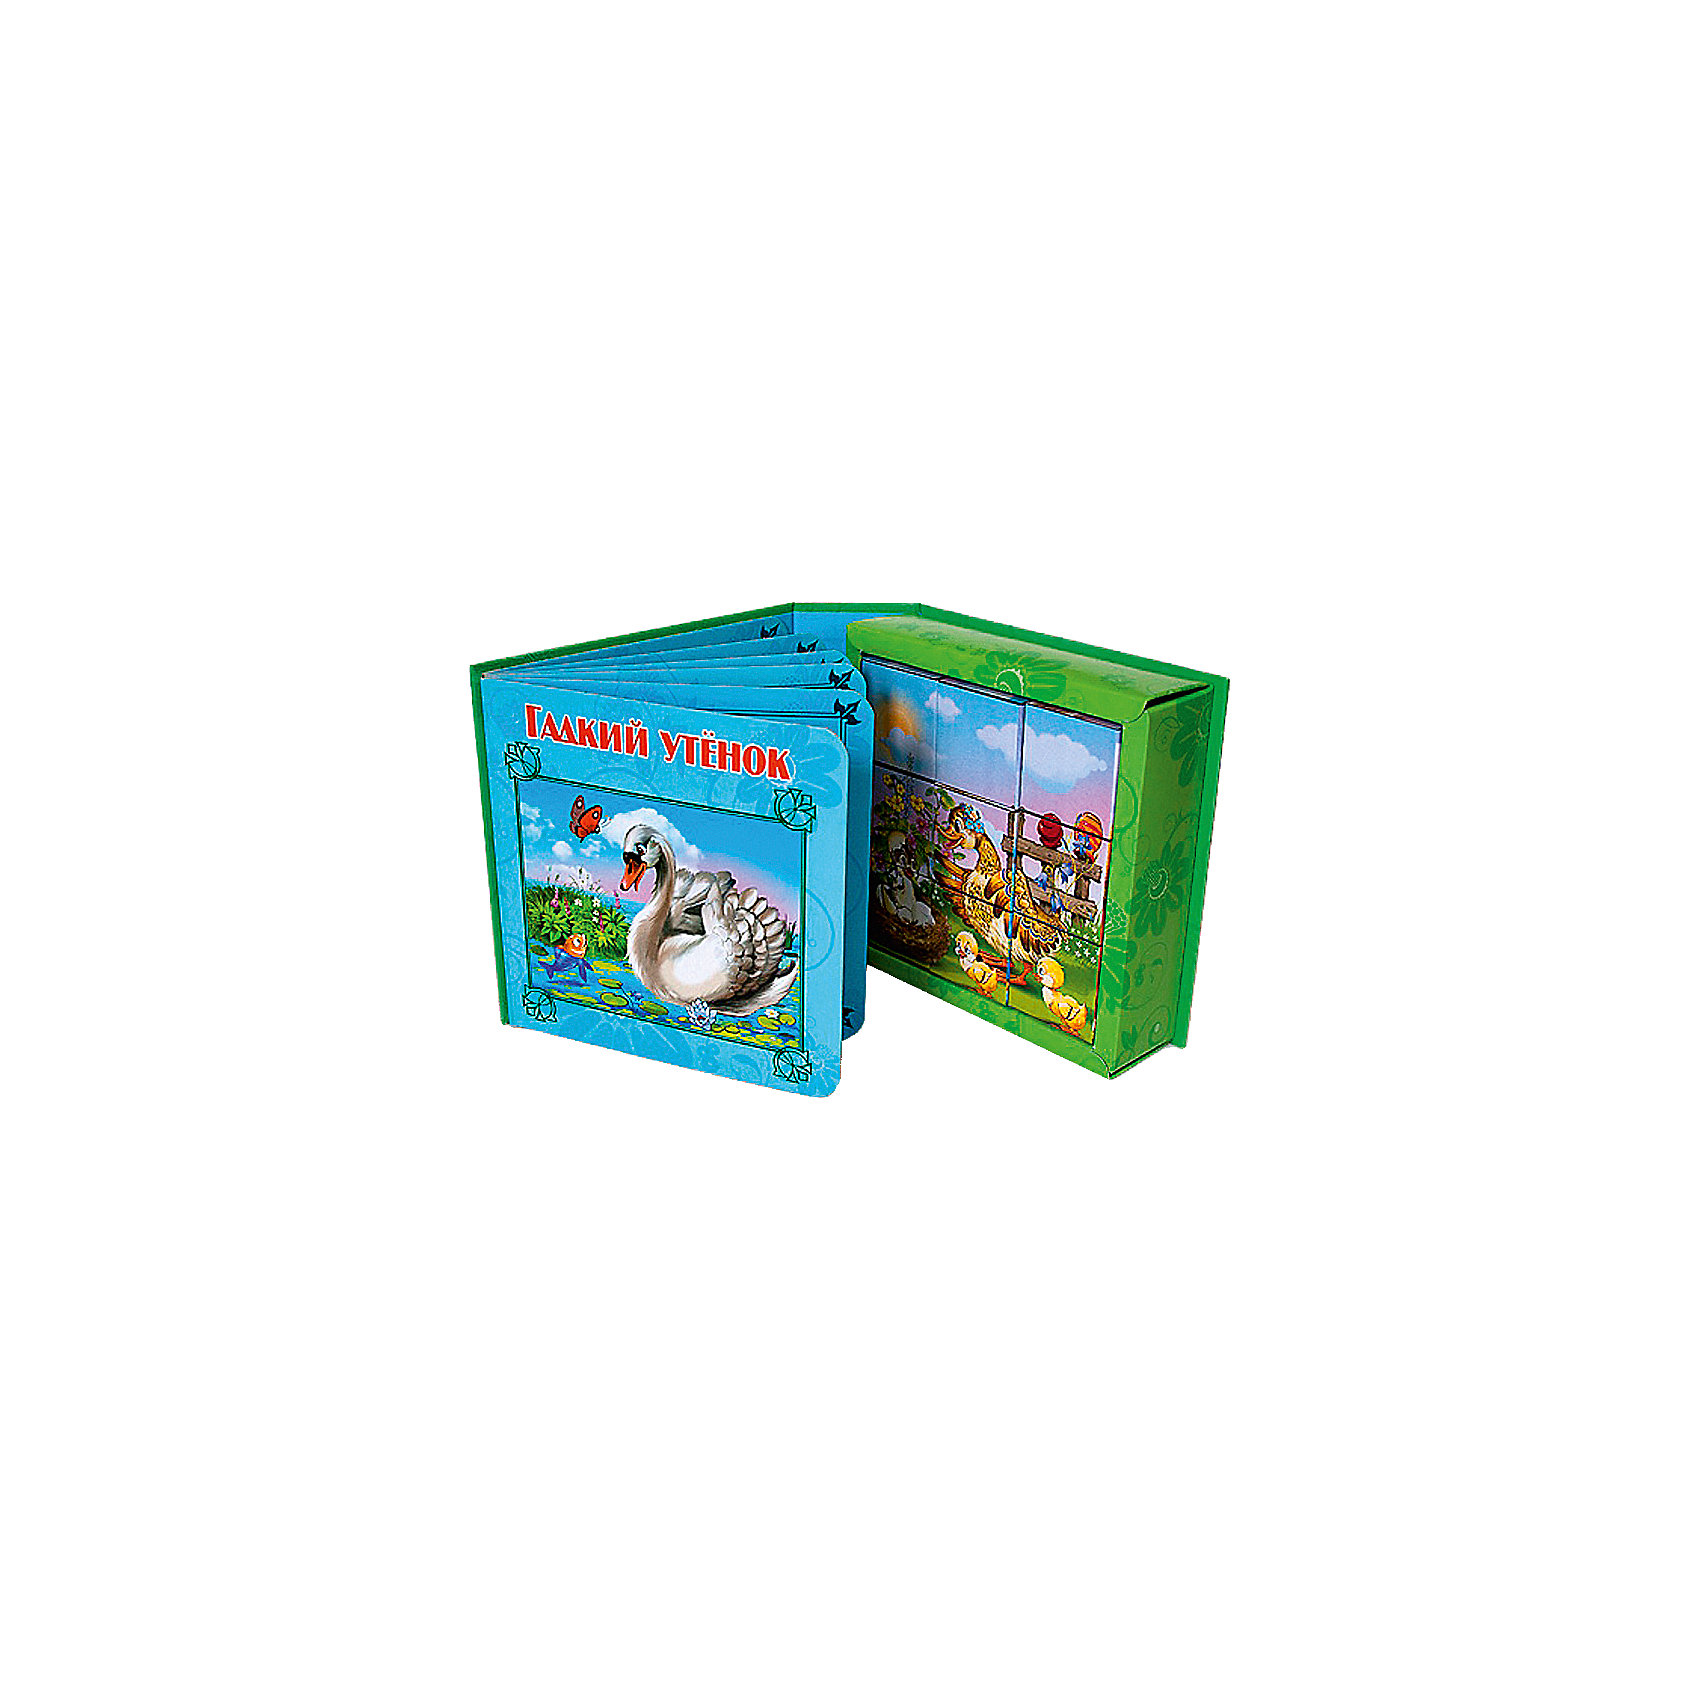 Книжка-игрушка Гадкий утёнокИзумительные книжки с элементами игры для самых маленьких читателей теперь в ассортименте! Внутри удобного блока – небольшая нарядно оформленная книжечка, а к ней – набор красочных кубиков, иллюстрирующих каждую страничку. <br><br>Дополнительная информация:<br><br>По мотивам сказки Г.Х. Андерсена<br>Переплет: картон<br>Страниц: 10<br>Формат: 145х145 мм<br><br>Книжку-игрушку Гадкий утёнок можно купить в нашем магазине.<br><br>Ширина мм: 145<br>Глубина мм: 50<br>Высота мм: 145<br>Вес г: 310<br>Возраст от месяцев: 48<br>Возраст до месяцев: 72<br>Пол: Унисекс<br>Возраст: Детский<br>SKU: 4612638